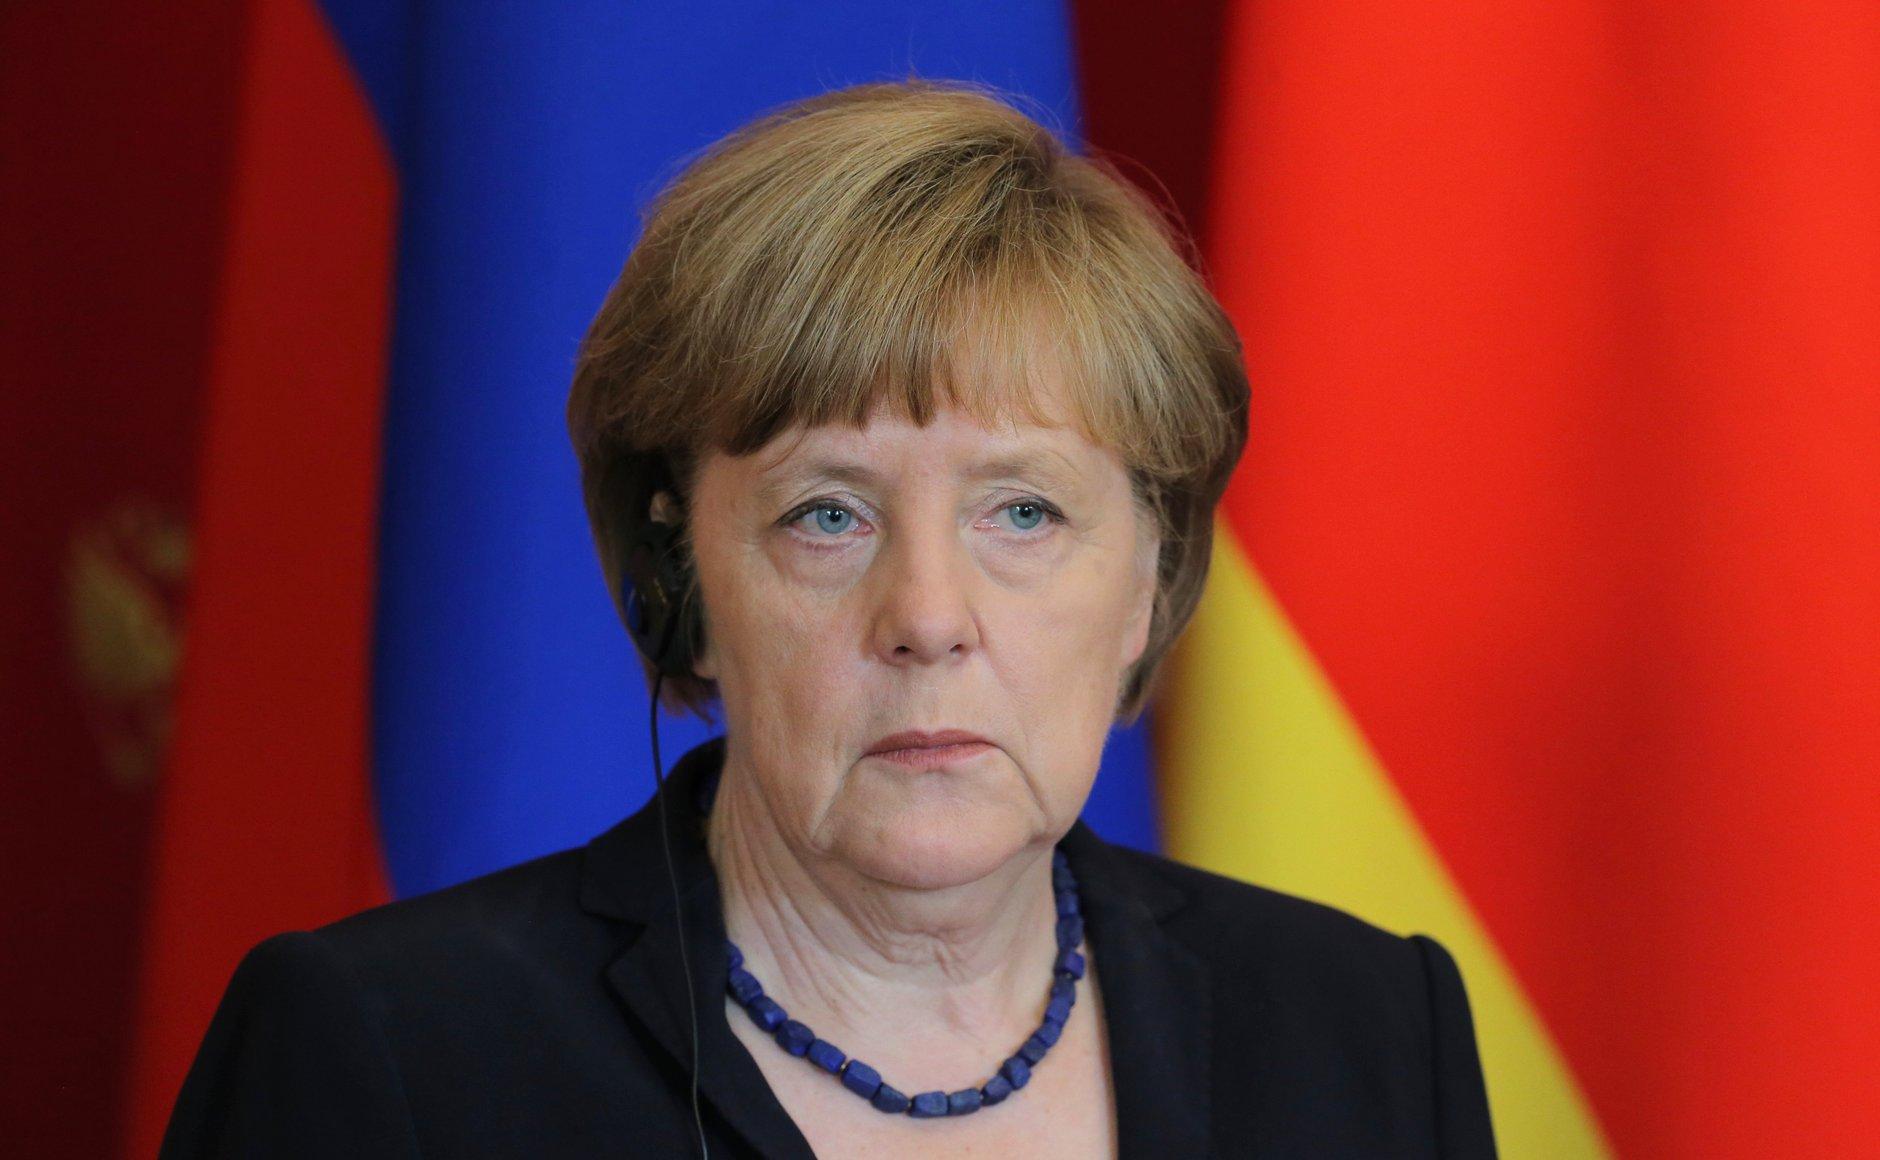 Канцлер Німеччини Ангела Меркель відповіла у непритаманний їй різкий спосіб